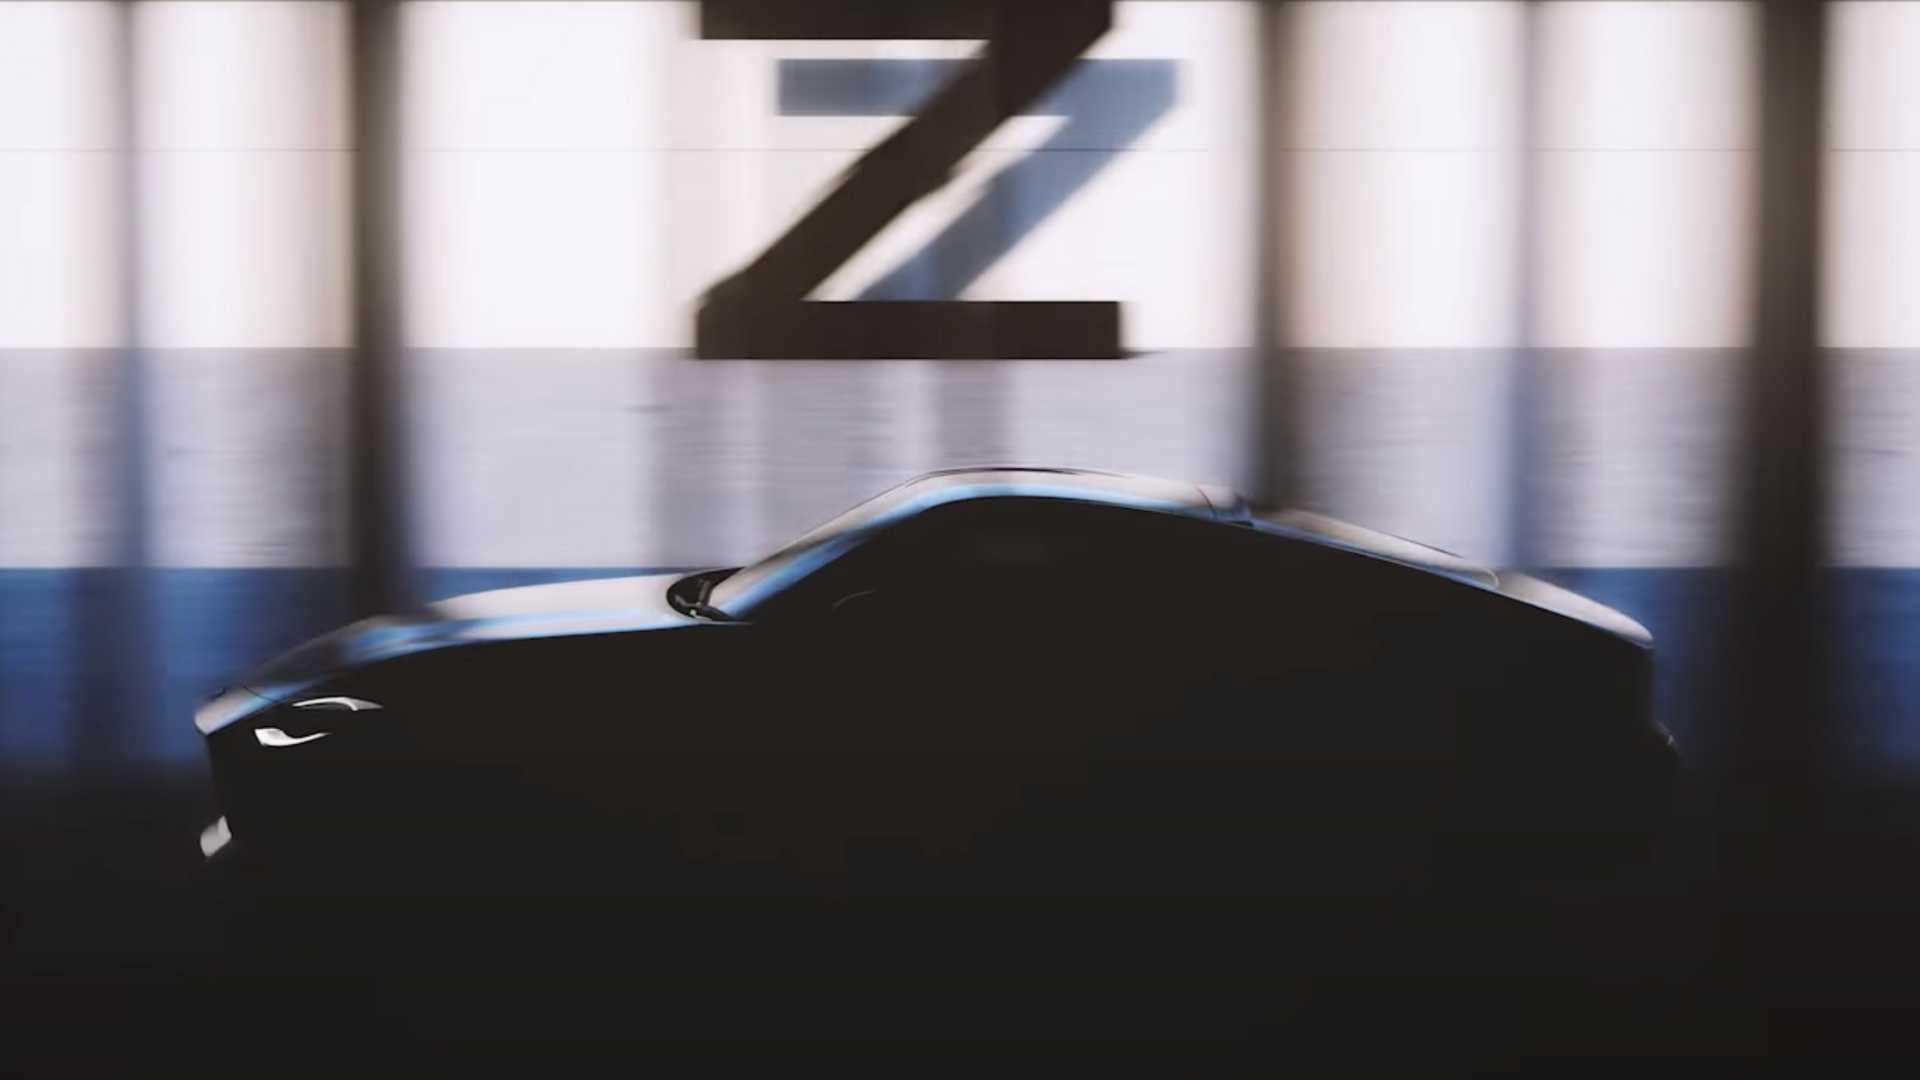 Nuova Nissan 370Z, tutto quello che sappiamo sulla coupé sportiva